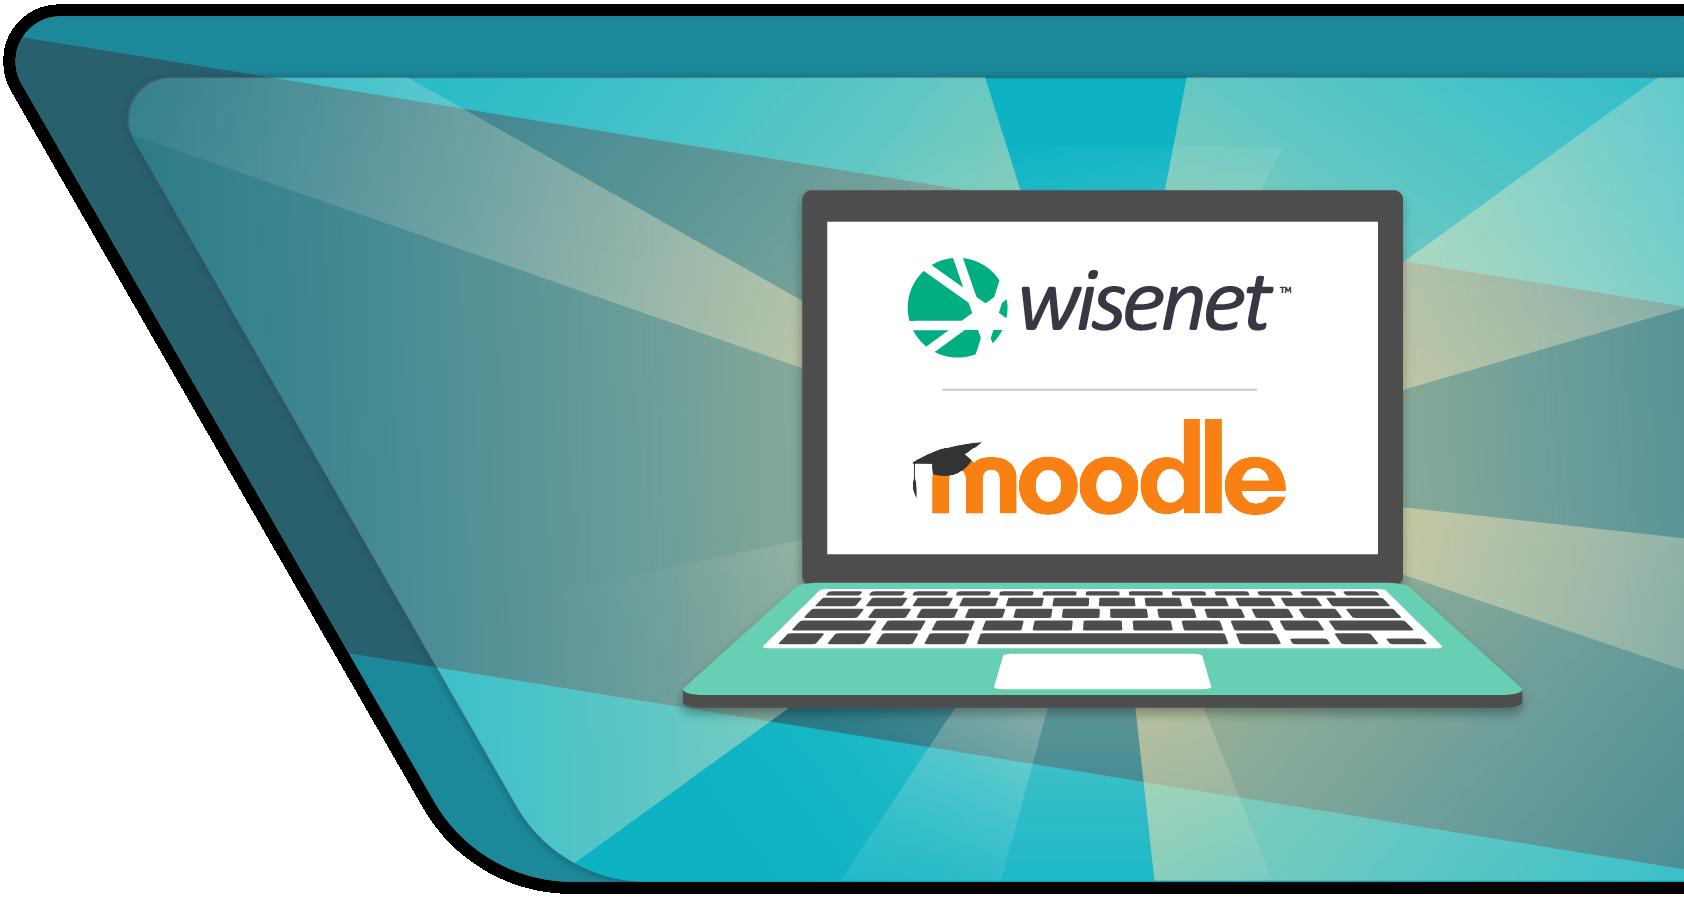 Wisenet Moodle online learning